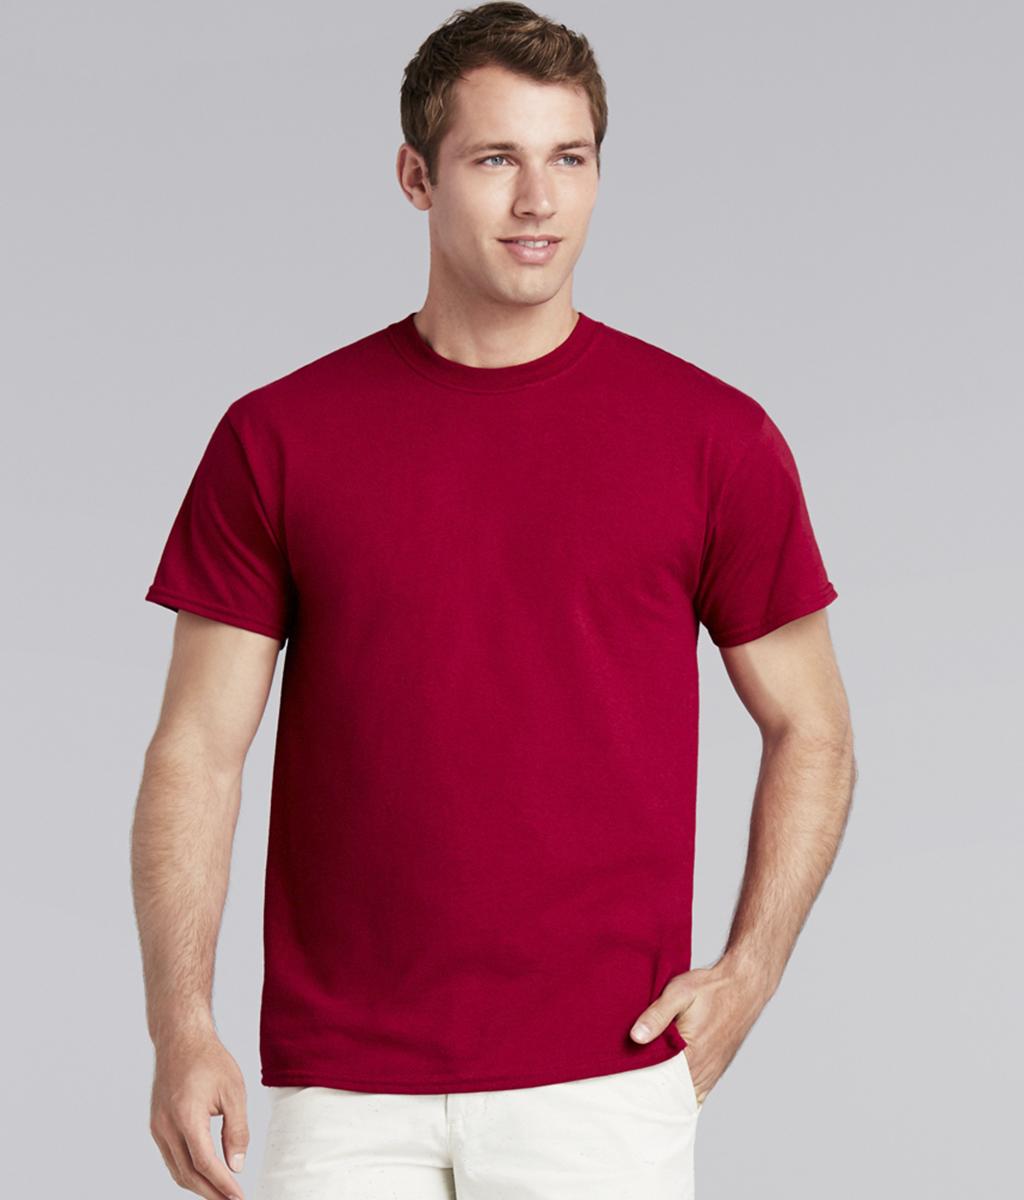 968a81e2ad66 Gildan Heavy Cotton T-Shirt